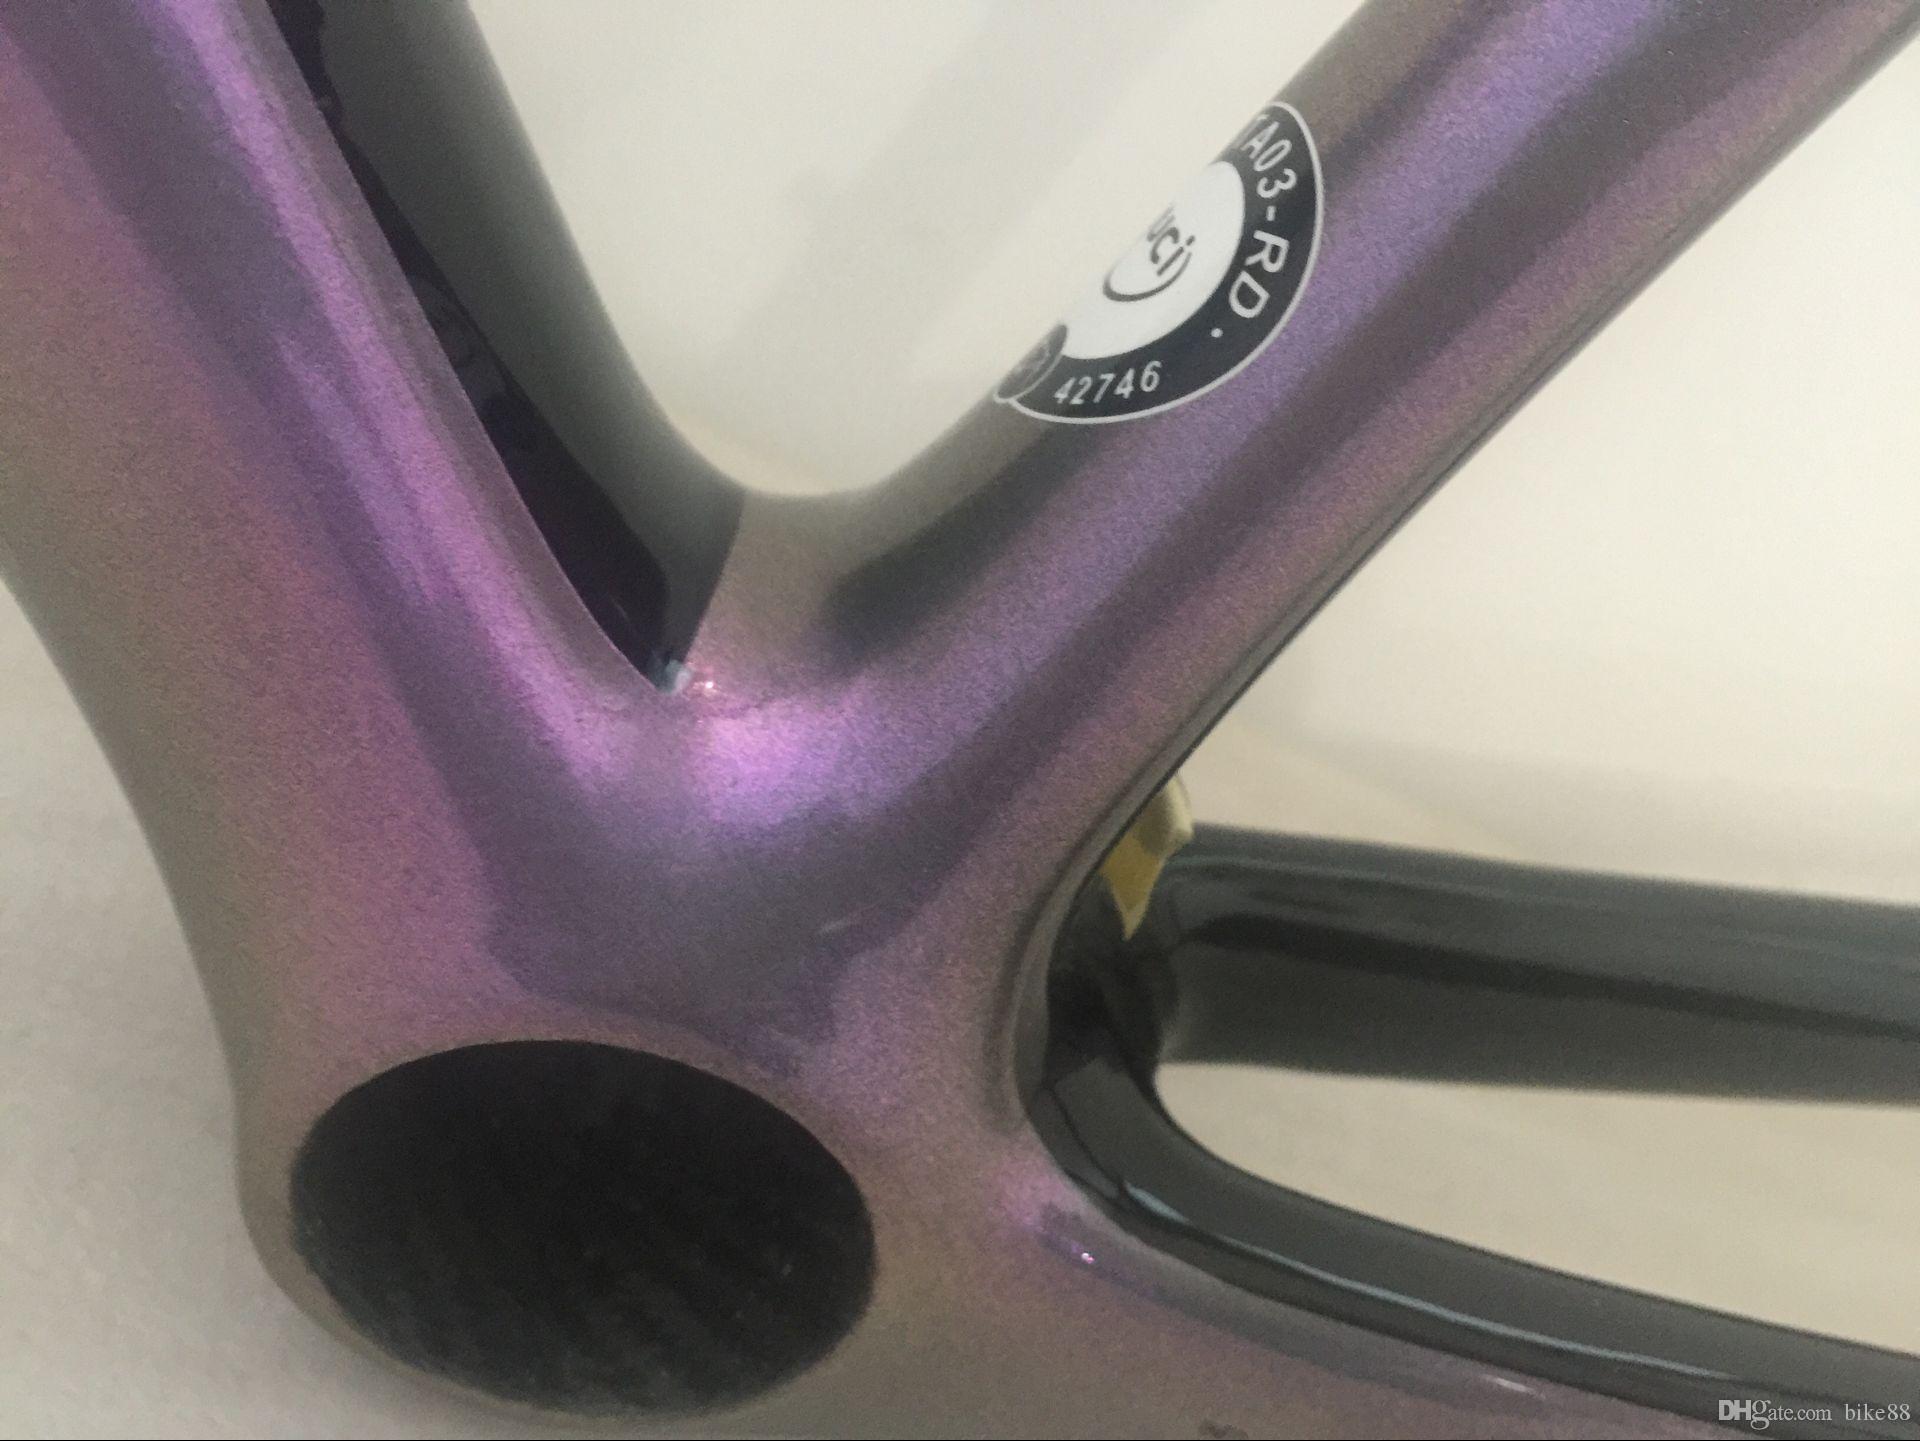 2018 best lightest bicycle carbon frame sagen bicycle carbon frame swk road bike frameset T1000 UD glossy finished made in china framework